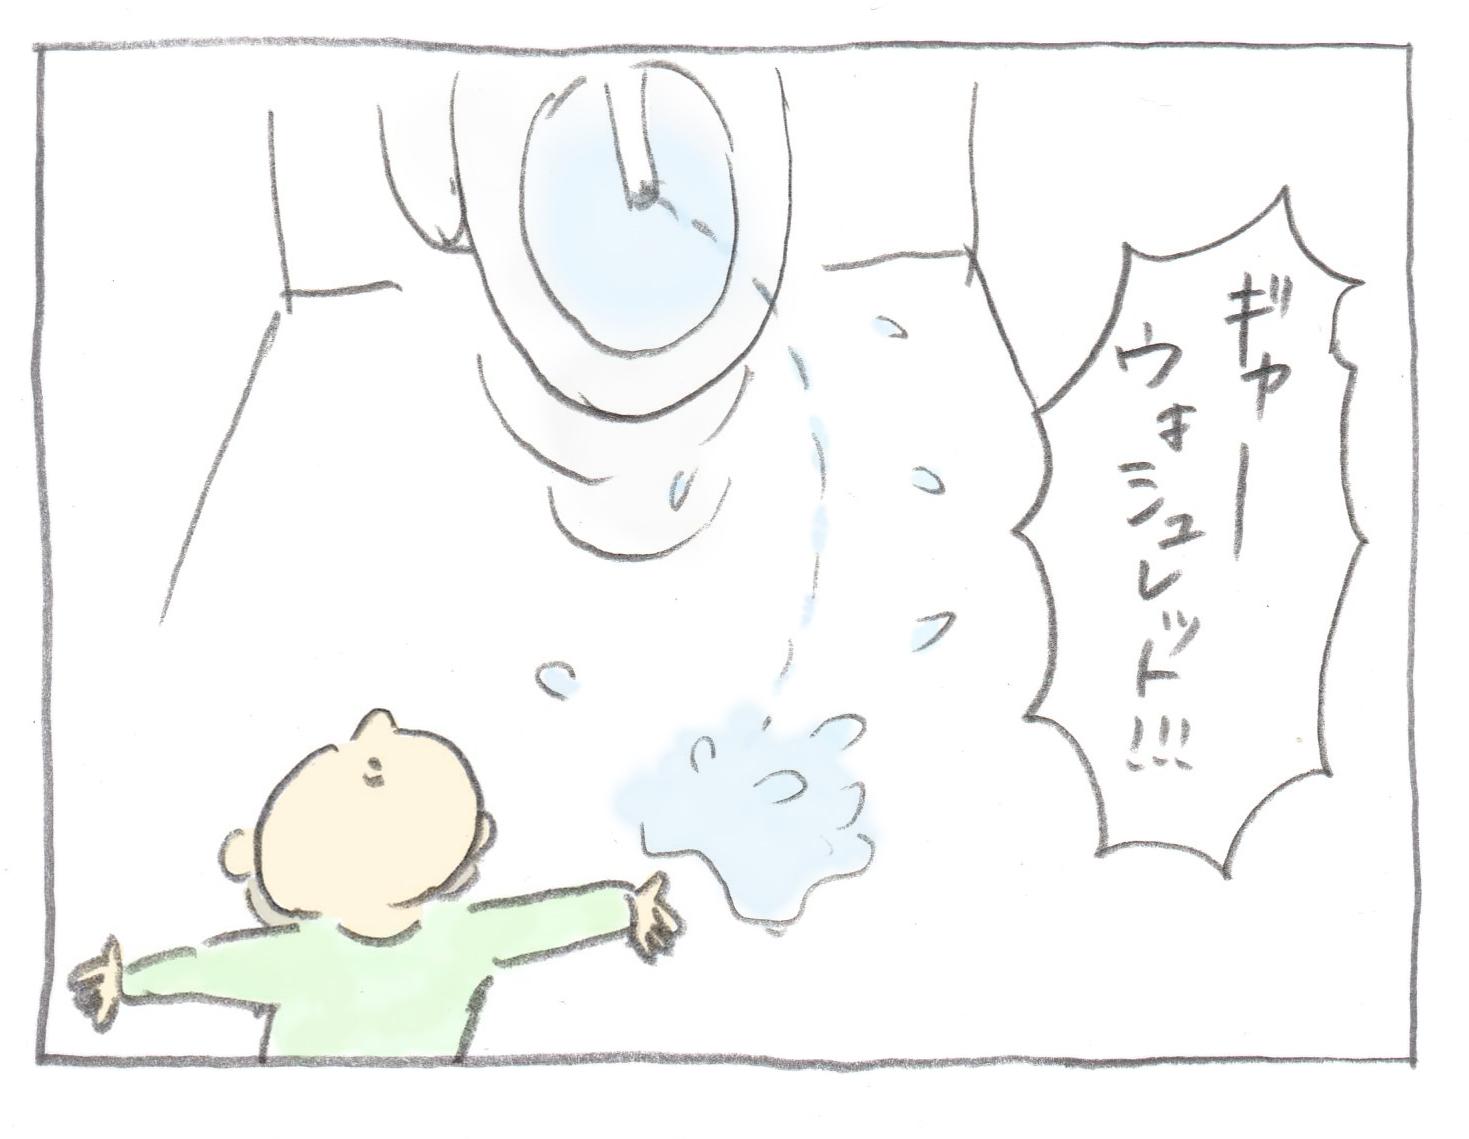 トイレトレーニングはトイレに慣れるところから…【ぎゅうにゅう日記 第7話】